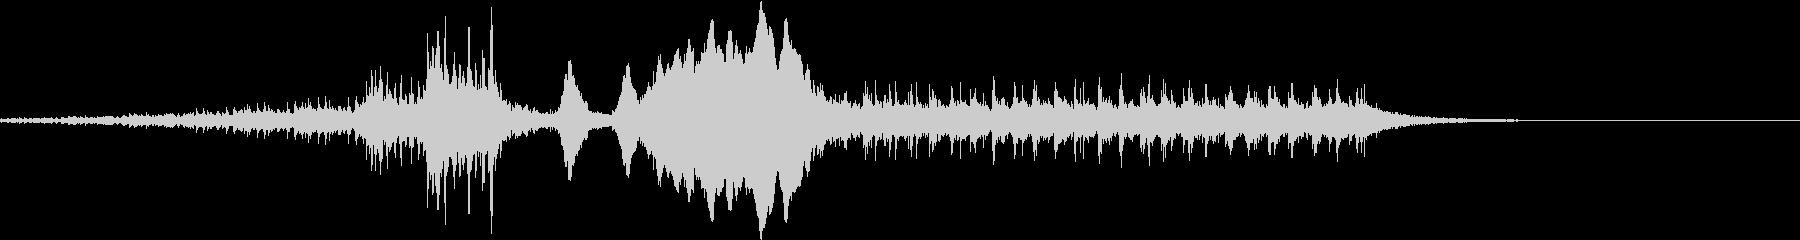 結果発表5/ドラムロール→発表→拍手の未再生の波形